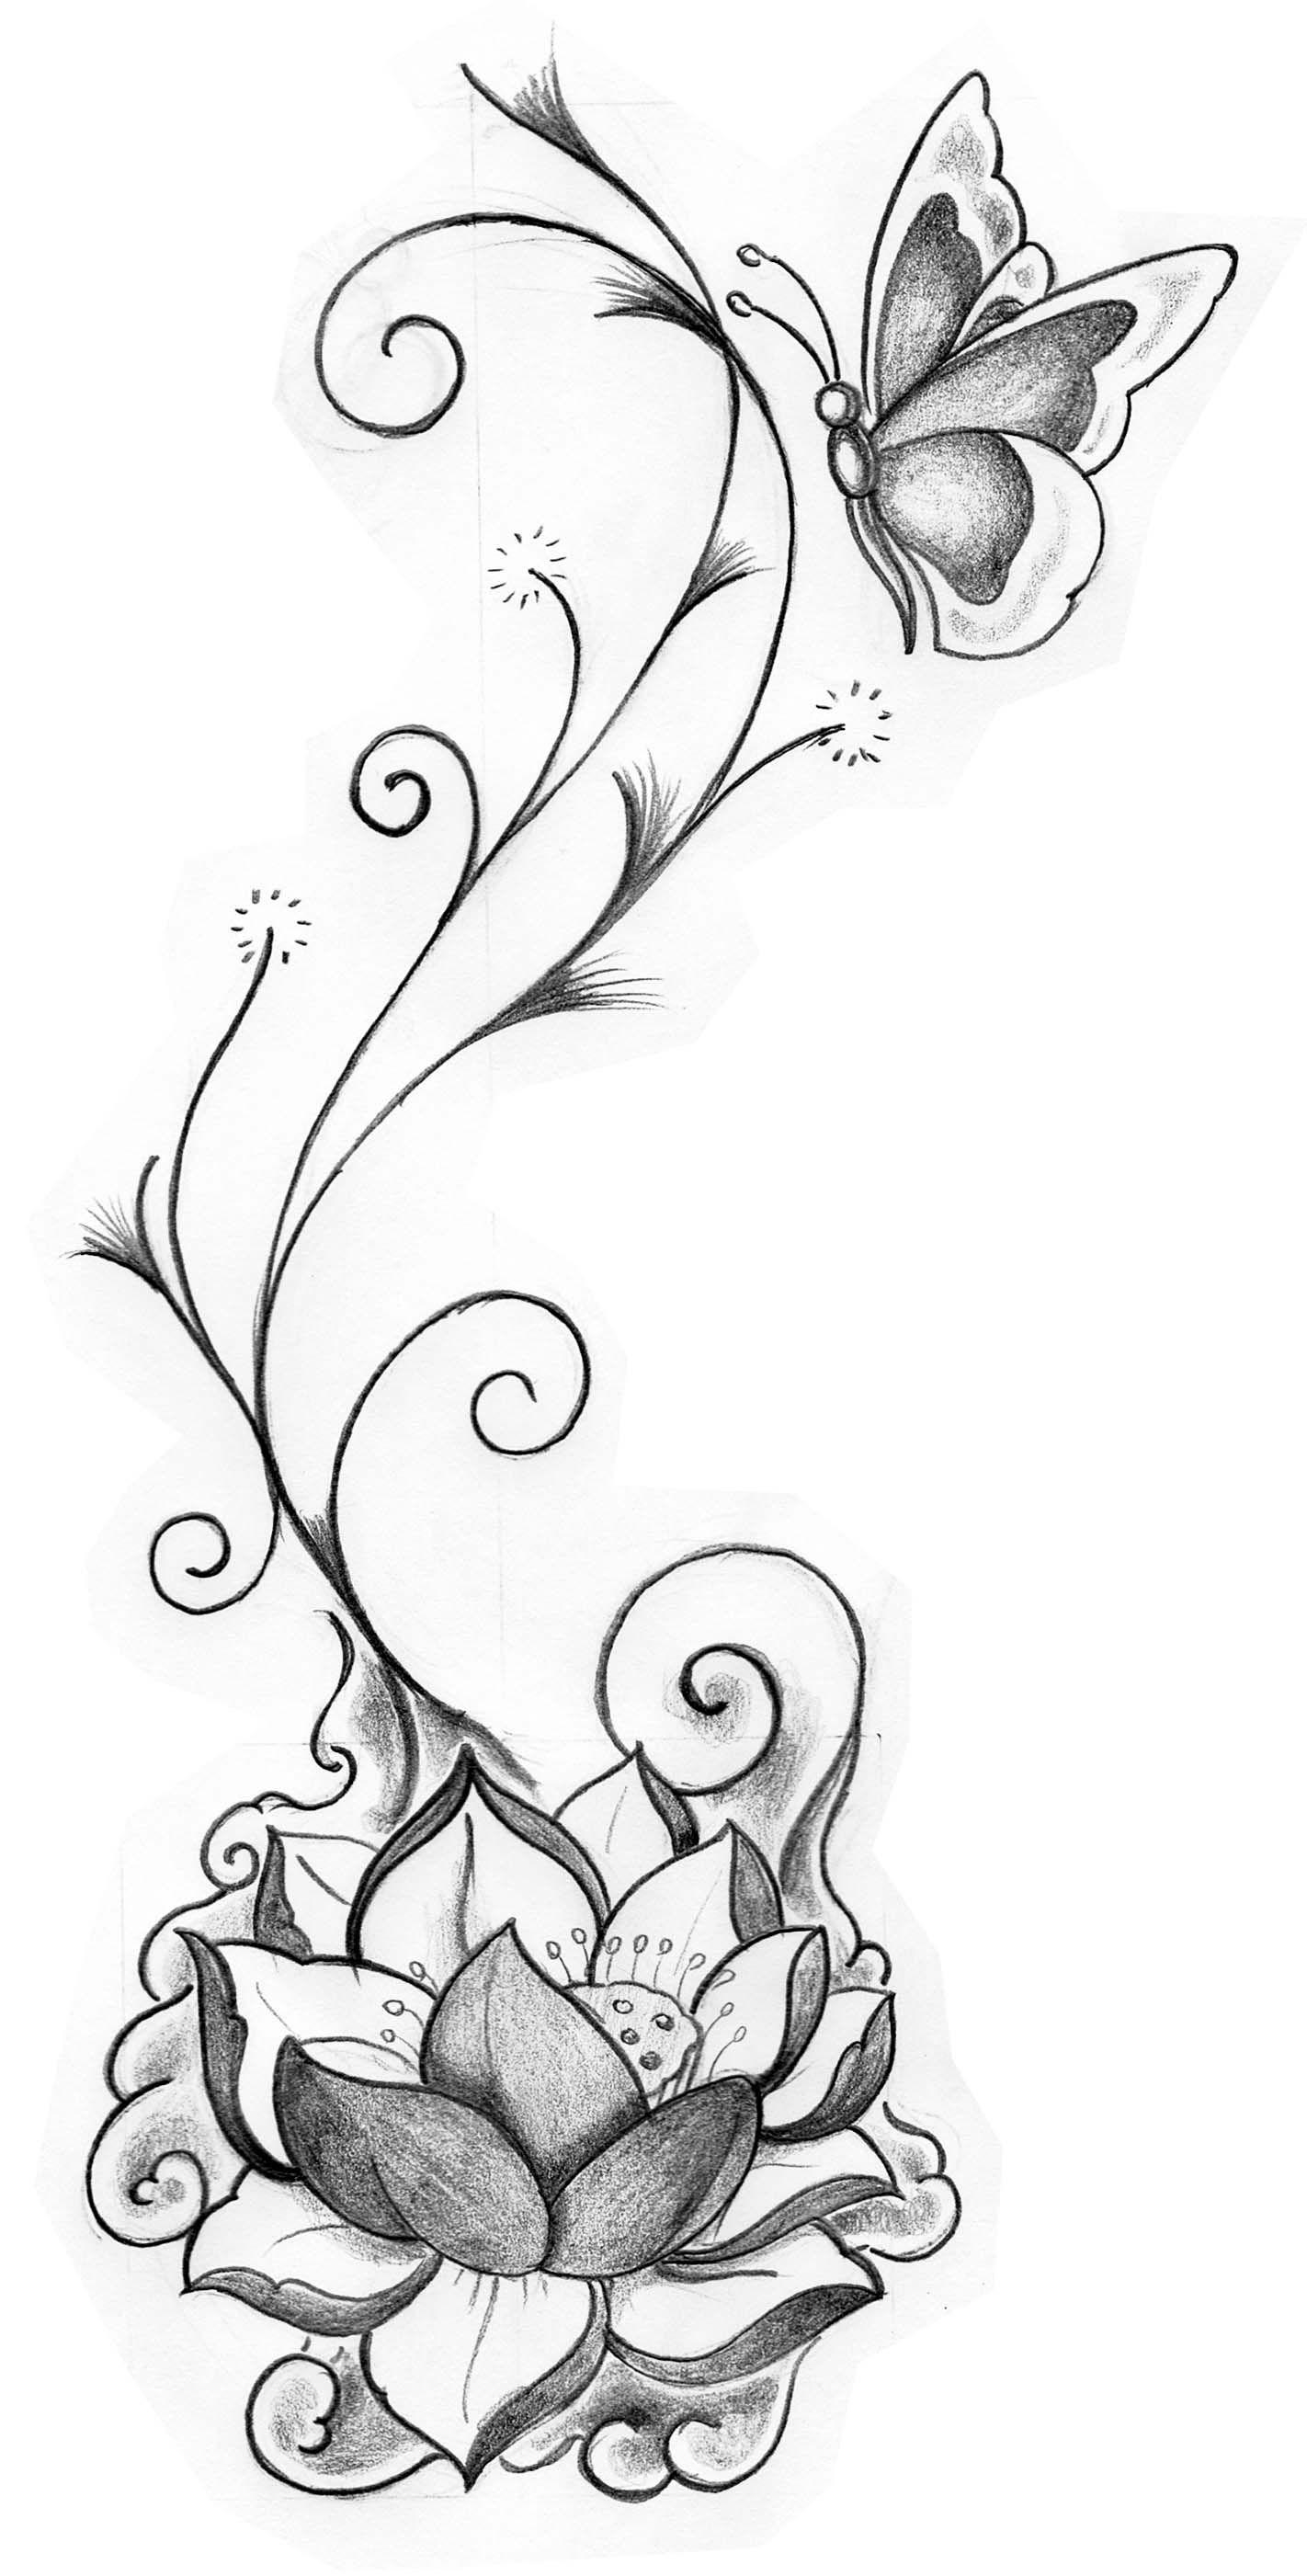 Worksheet. imagenes de mariposas vectorizadas  Buscar con Google  tatoo